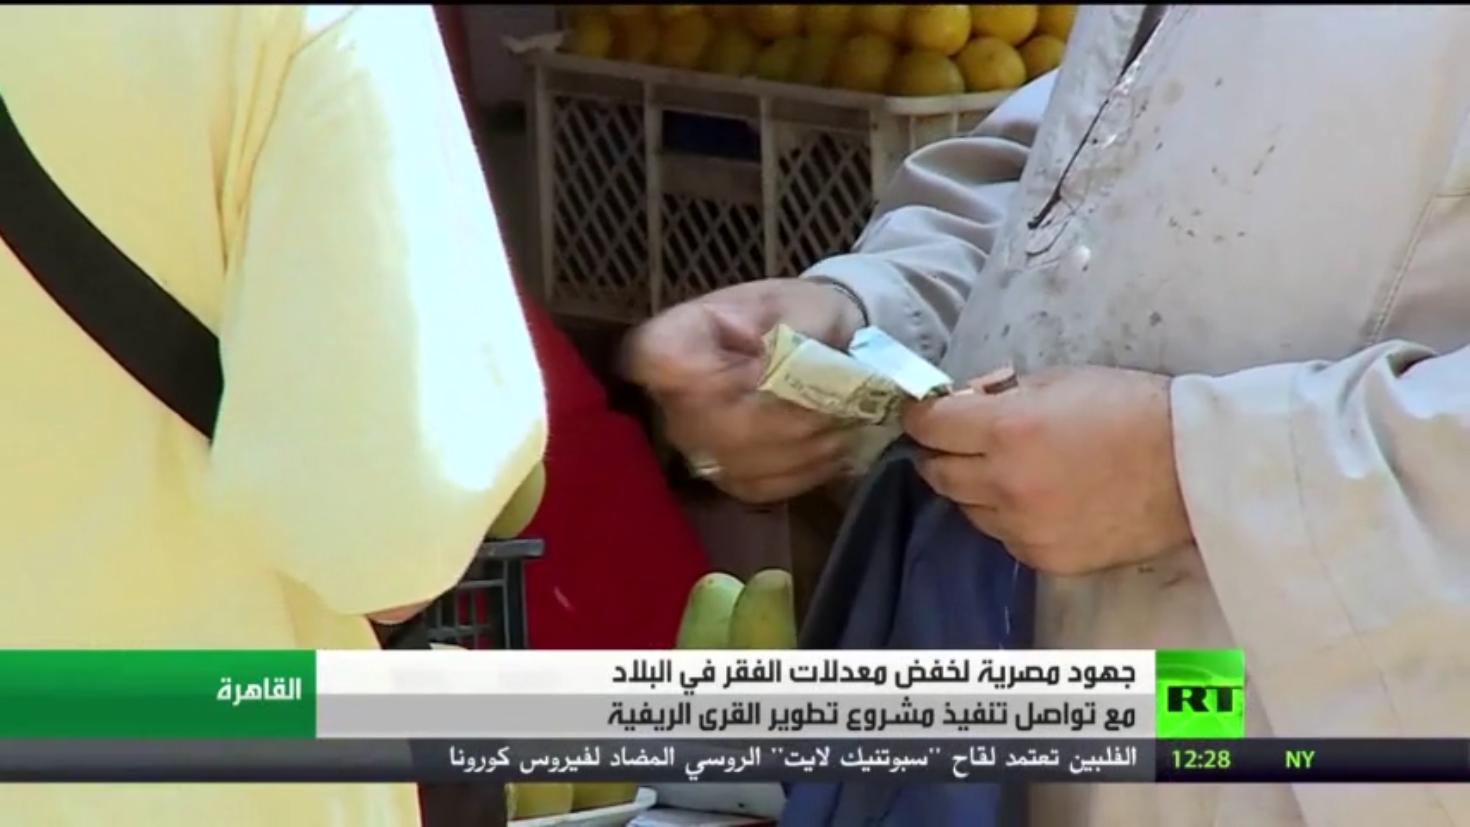 مصر.. خطط لخفض معدلات الفقر